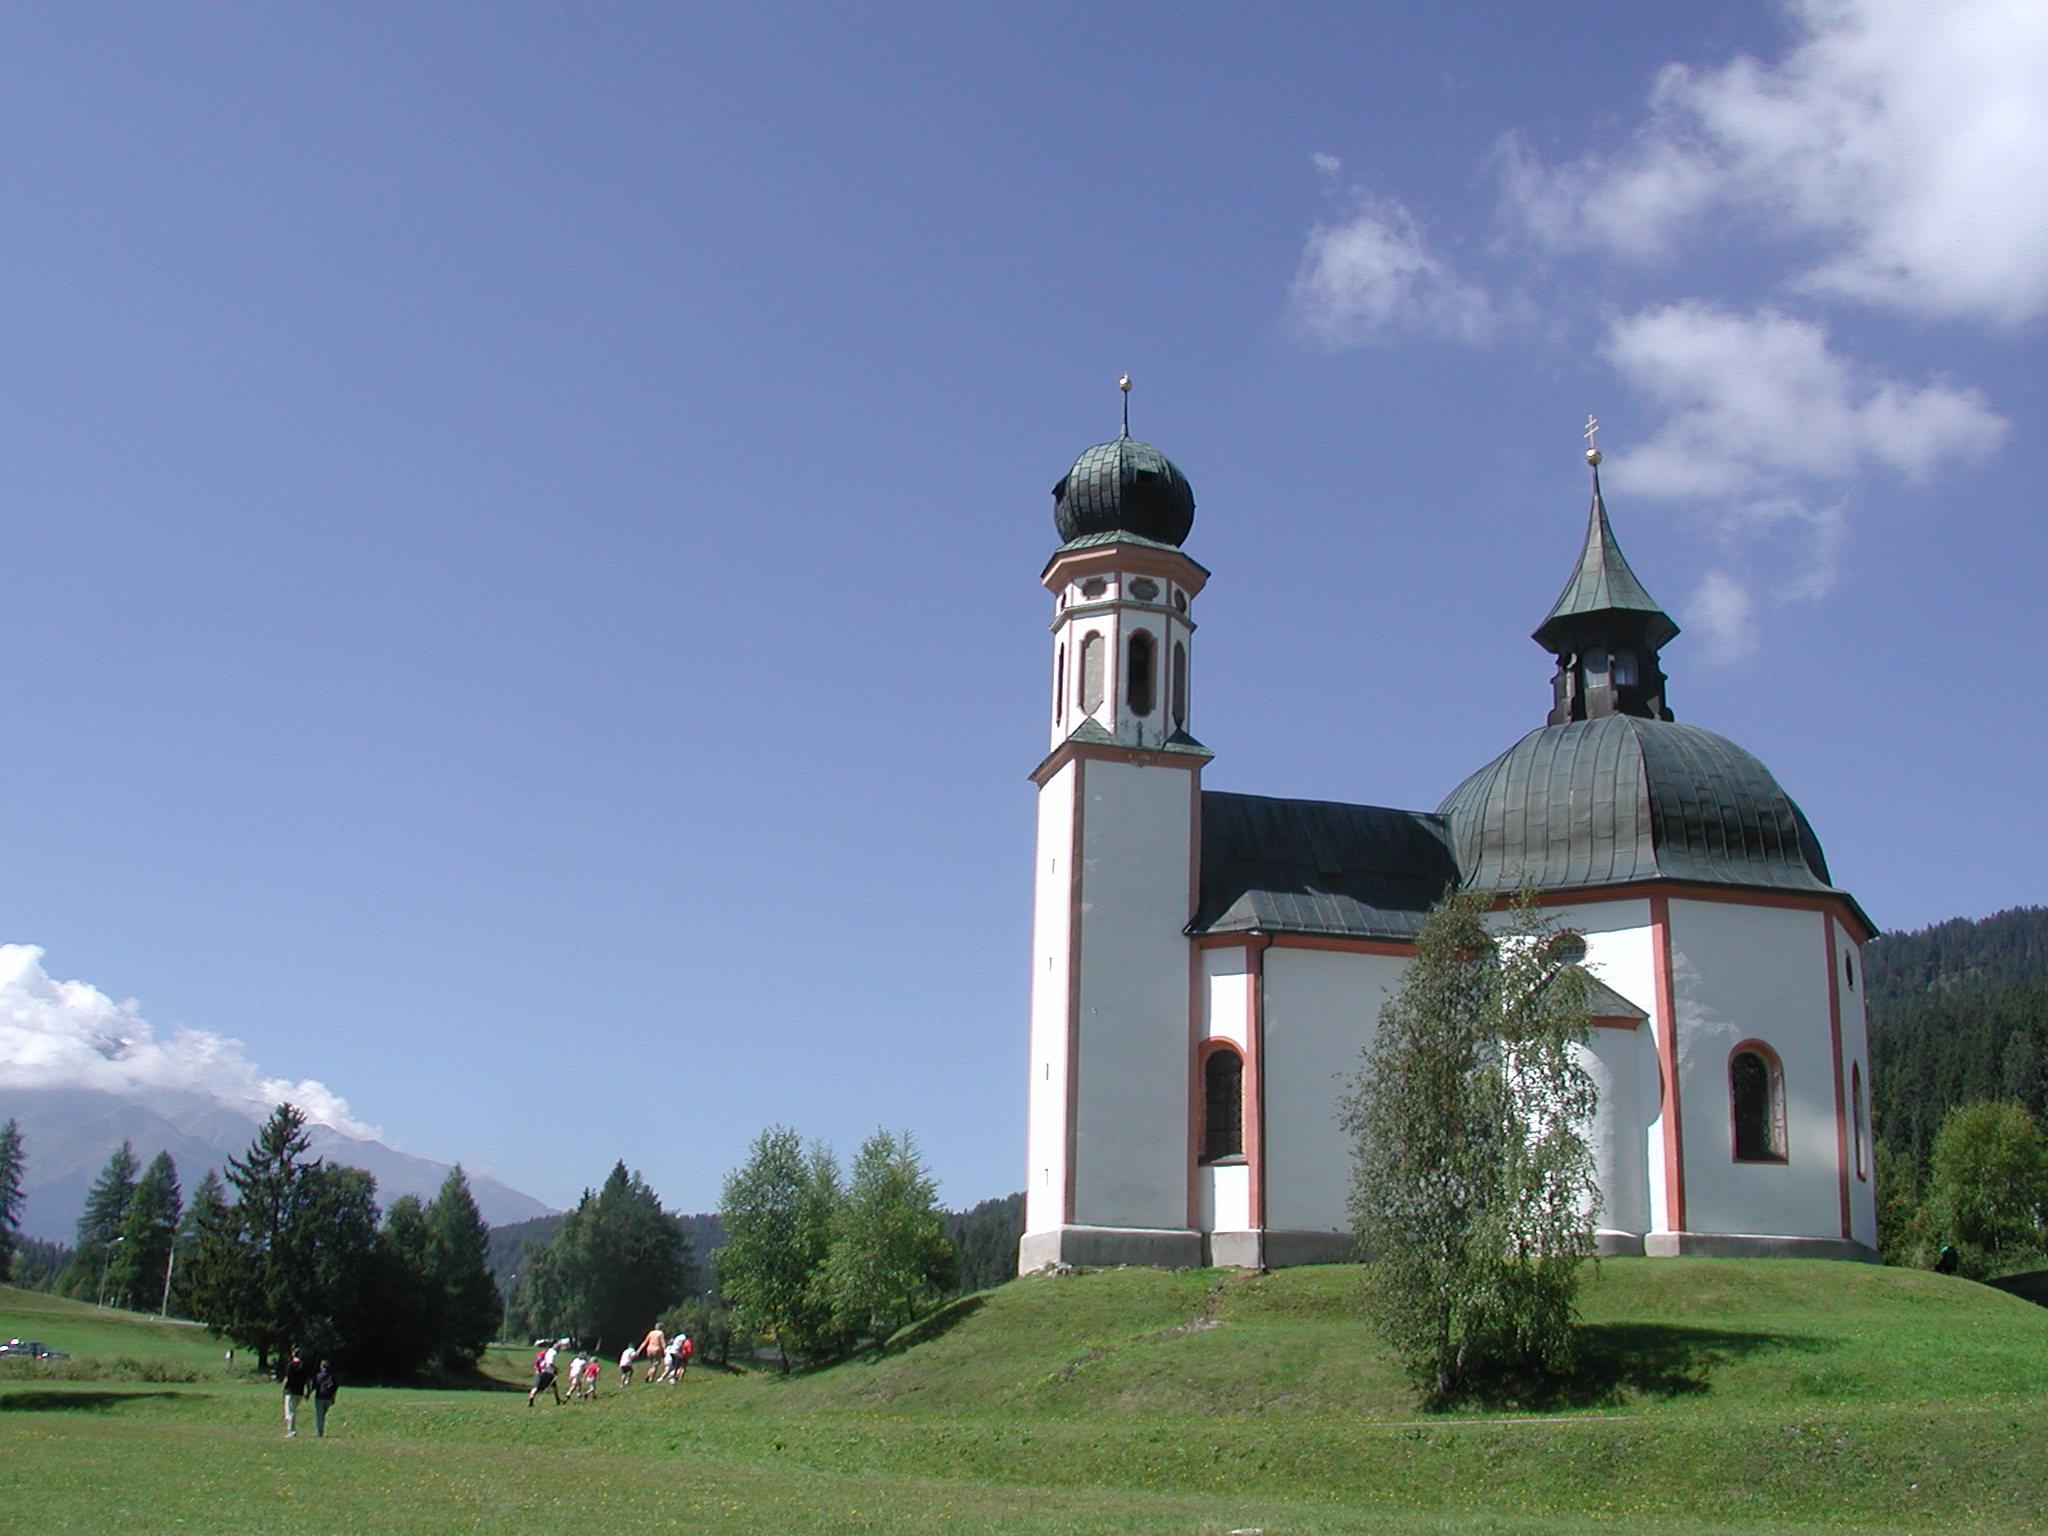 Kościół Św. Oswalda w Seefeld - miejsce cudu eucharystycznego